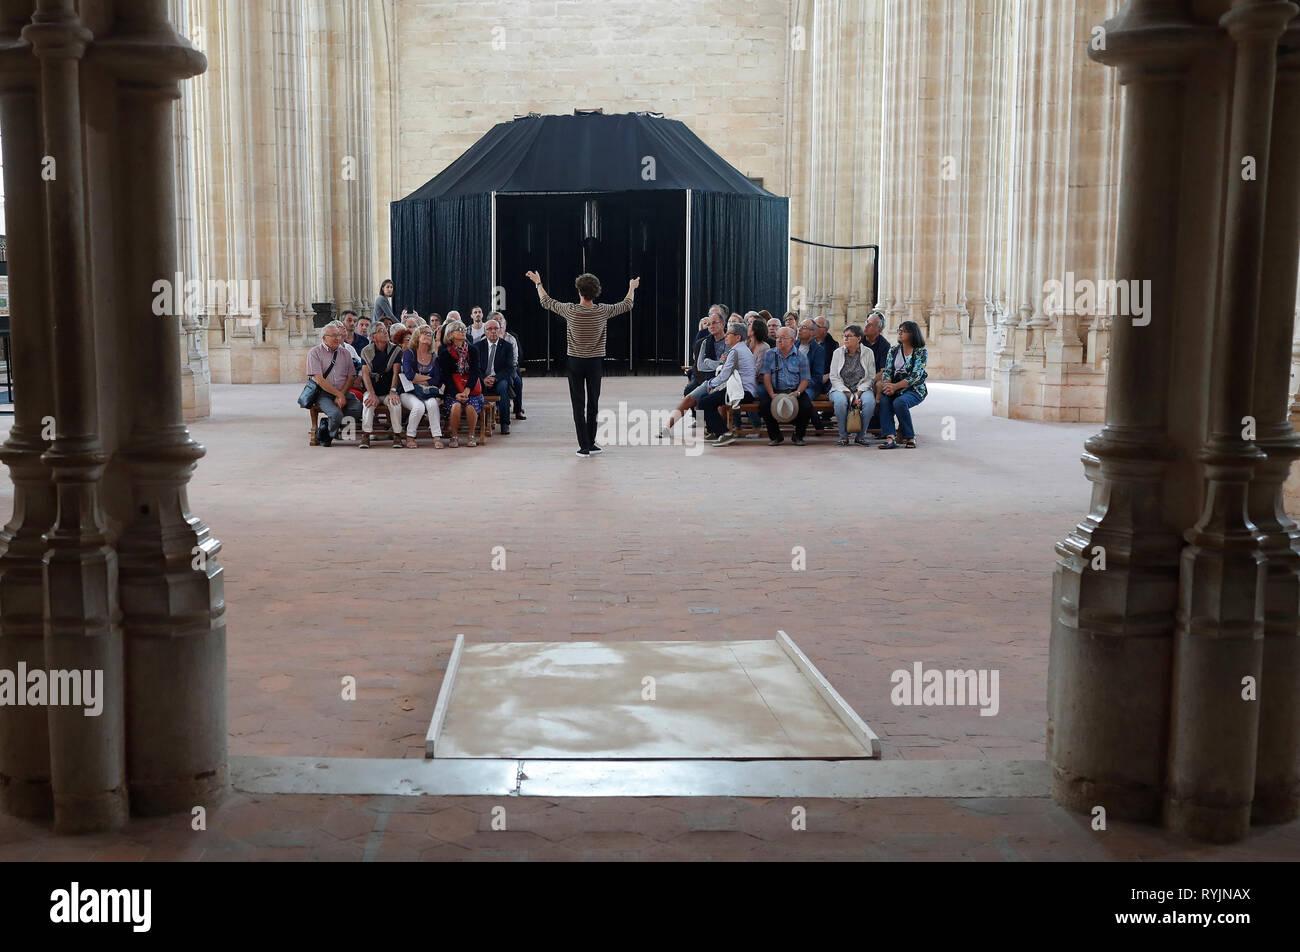 Il monastero reale di Brou. Guida turistica con un gruppo. Bourg en Bresse. La Francia. Immagini Stock